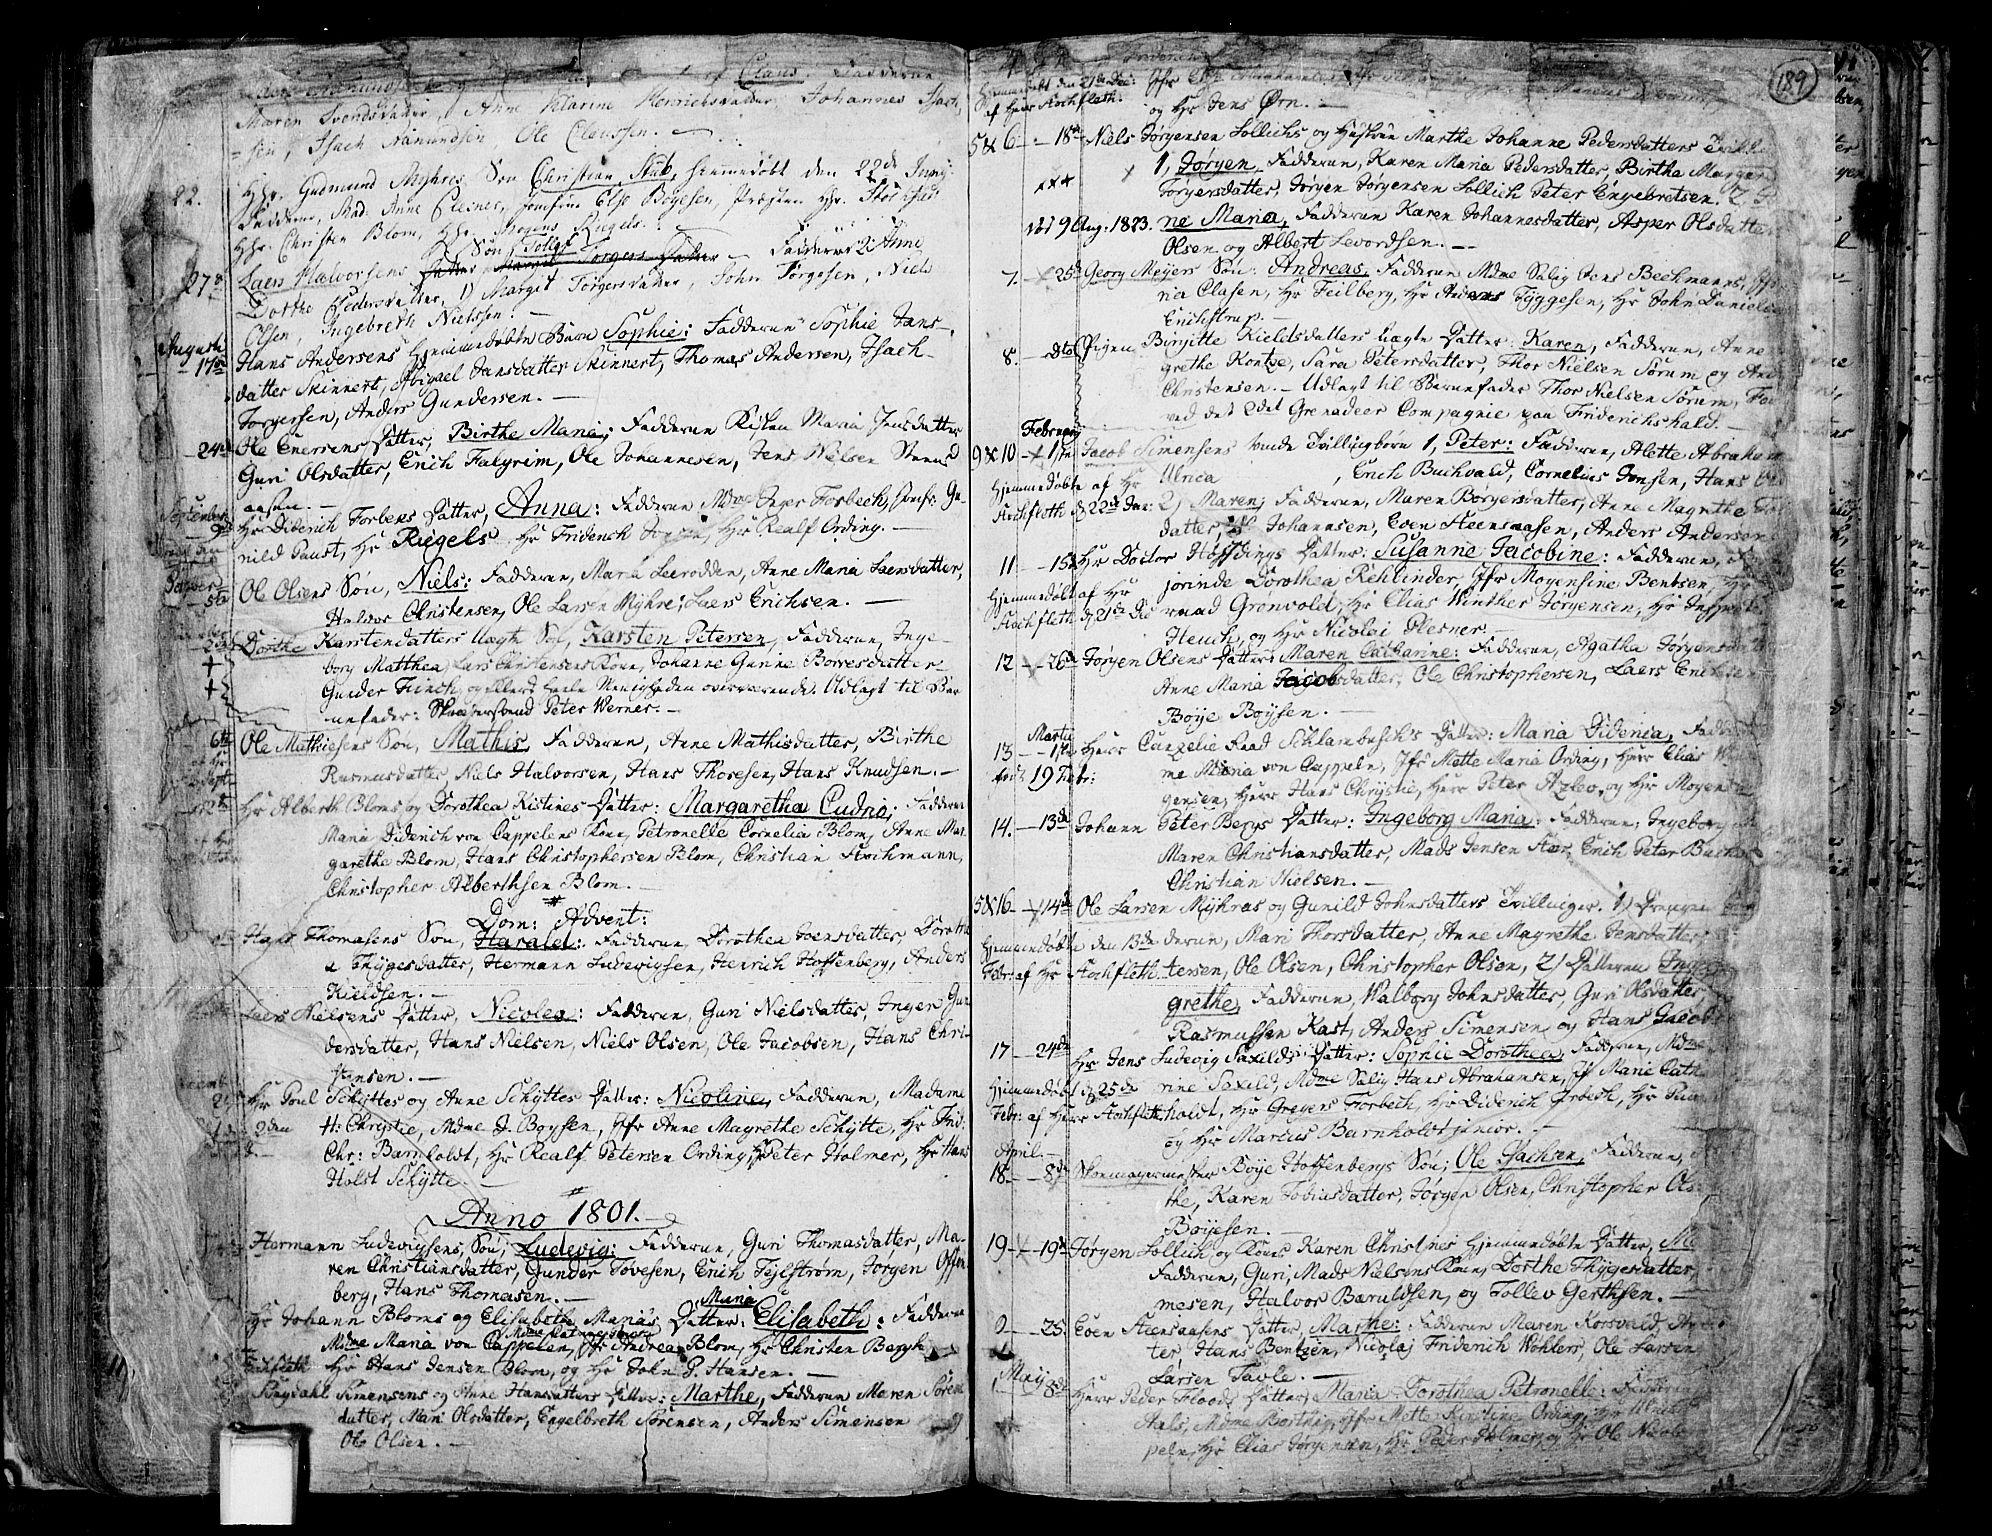 SAKO, Skien kirkebøker, F/Fa/L0004: Ministerialbok nr. 4, 1792-1814, s. 188-189